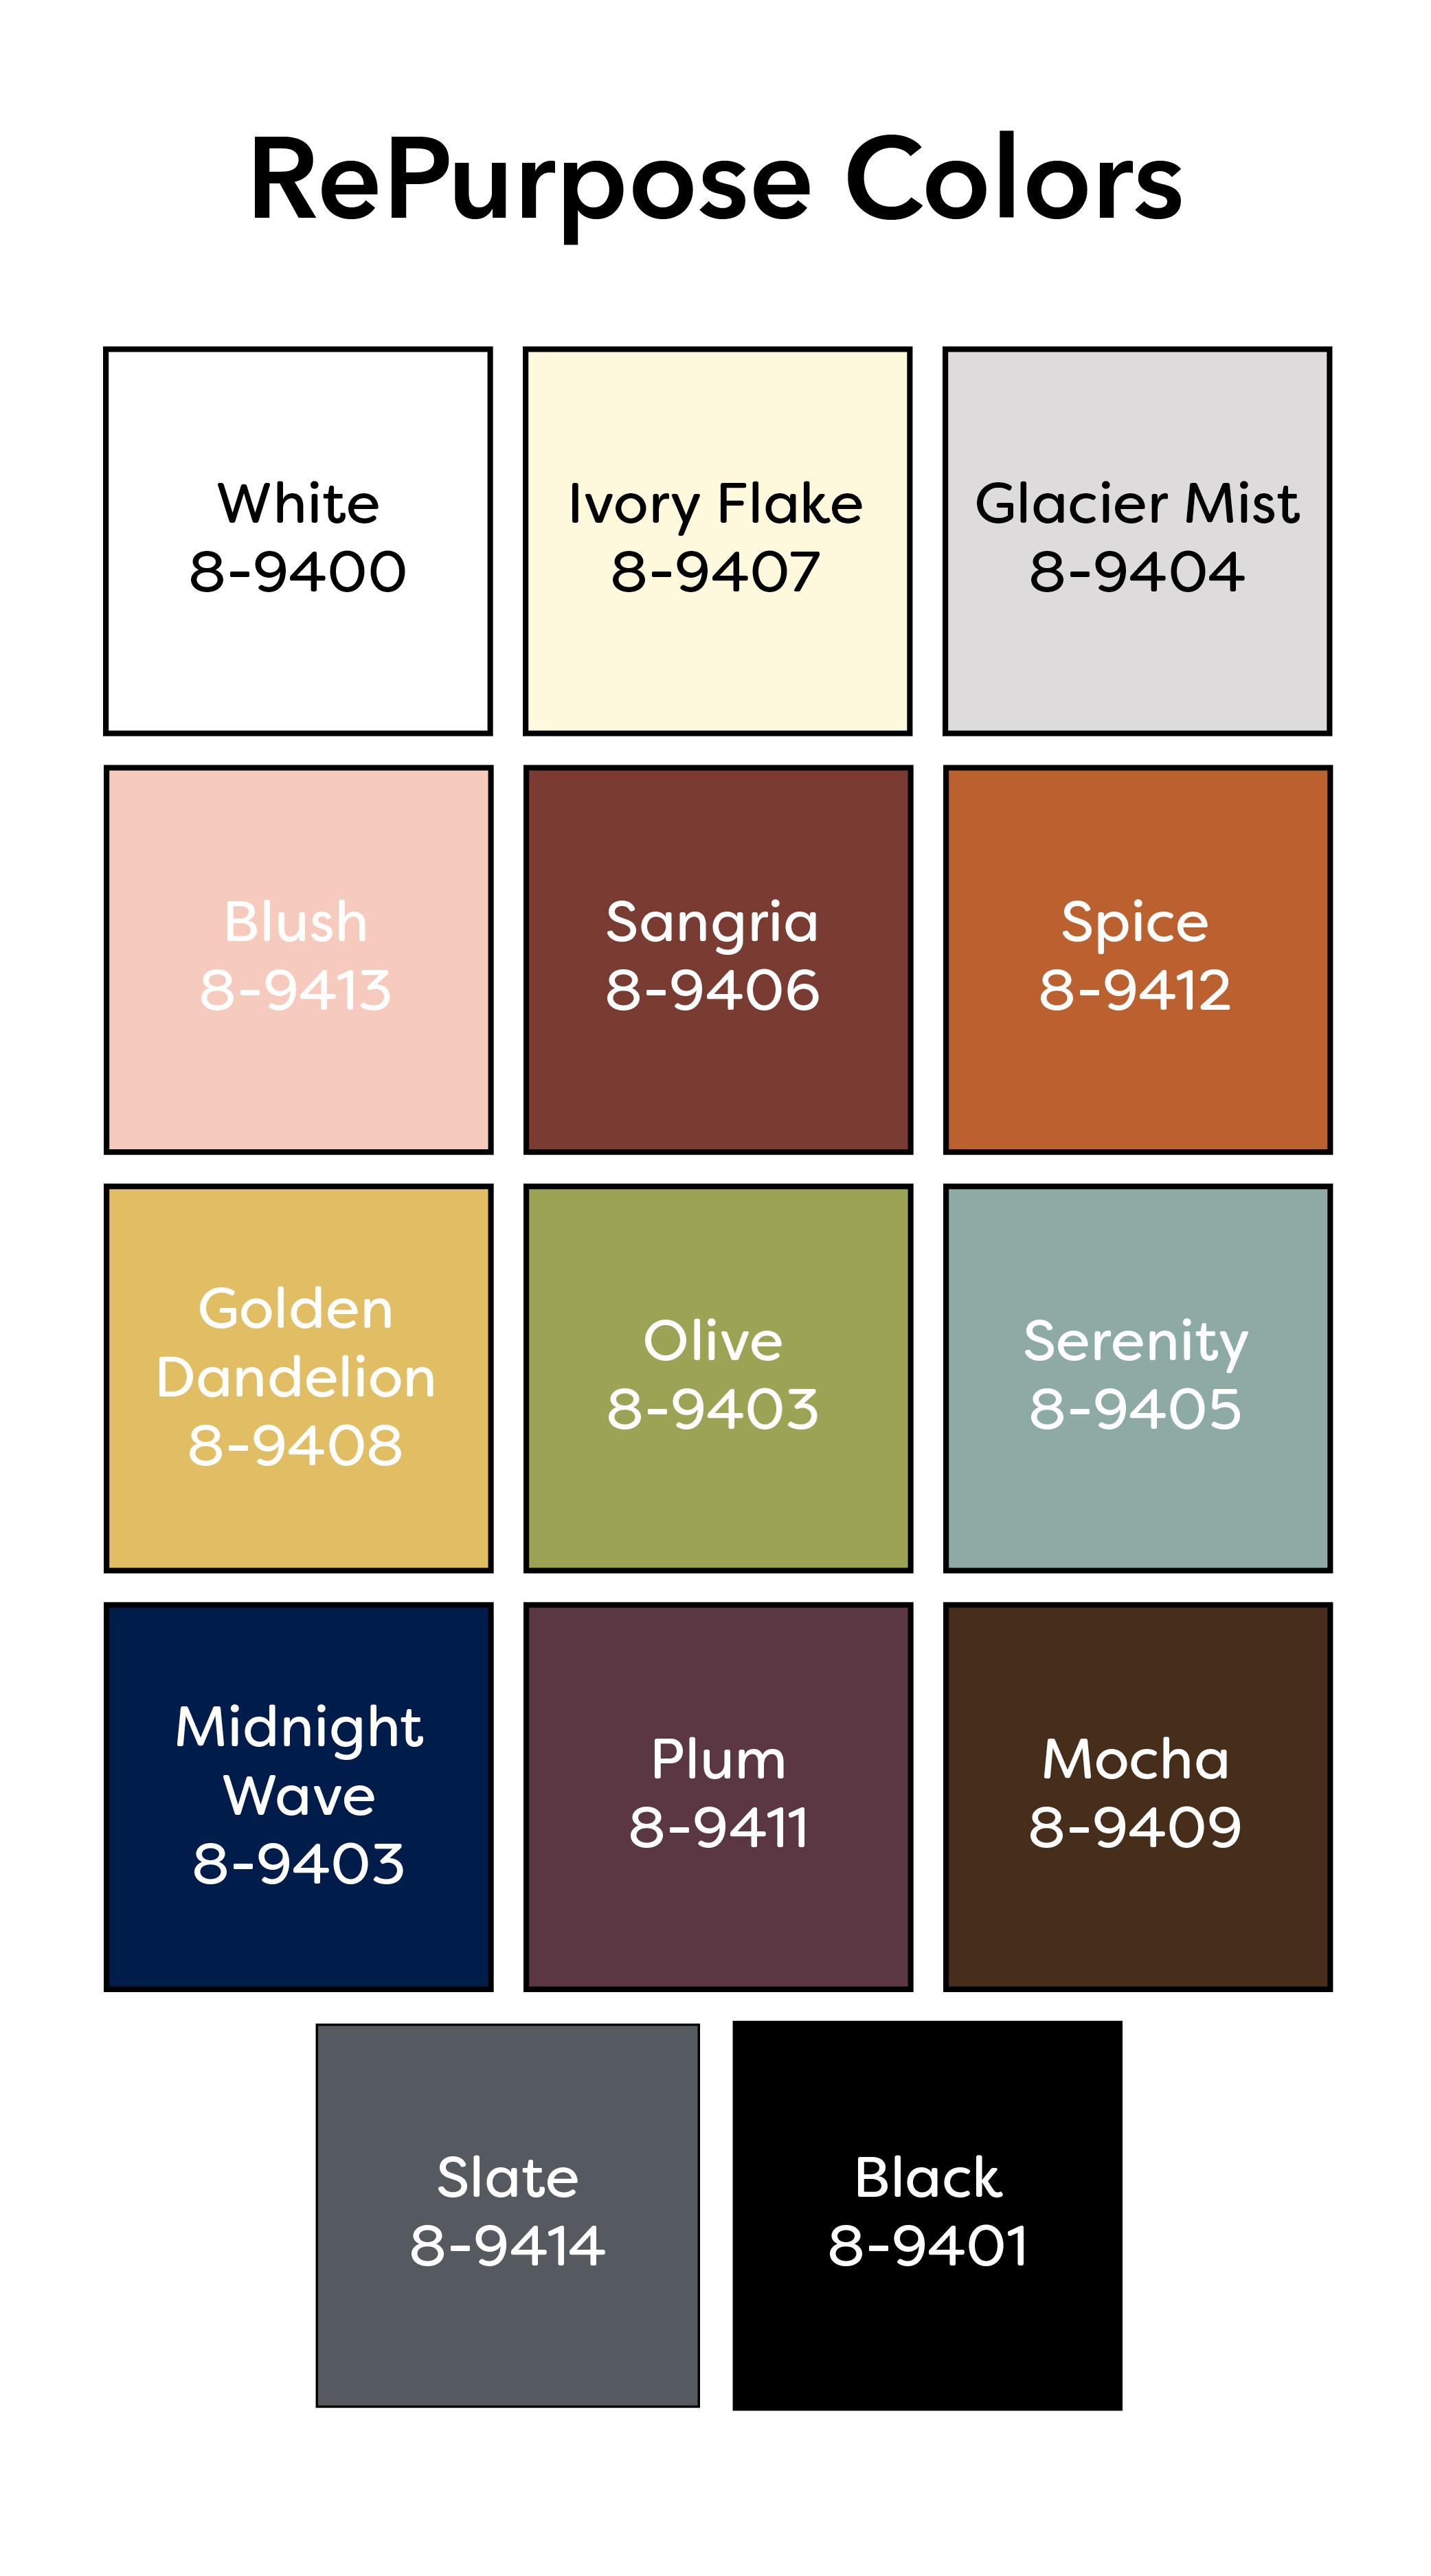 RePurpose Colors.jpg